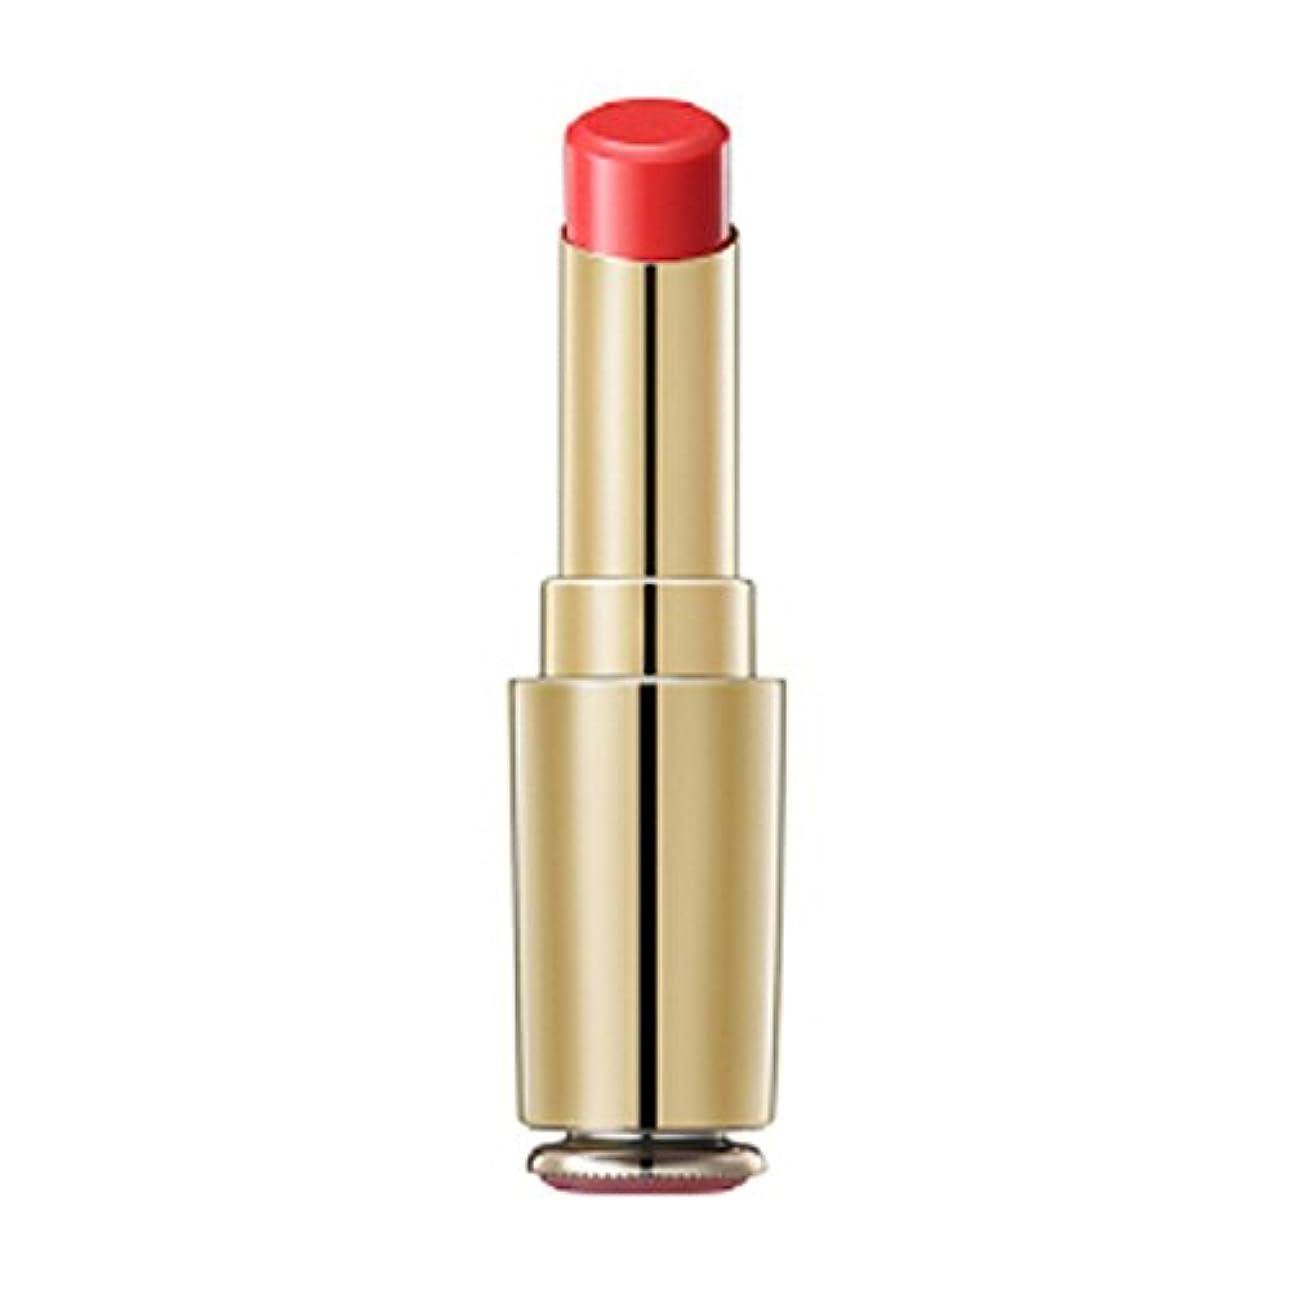 資源後継効率ソルファス Essential Lip Serum Stick - # No. 3 Flower Pink 3g/0.1oz並行輸入品